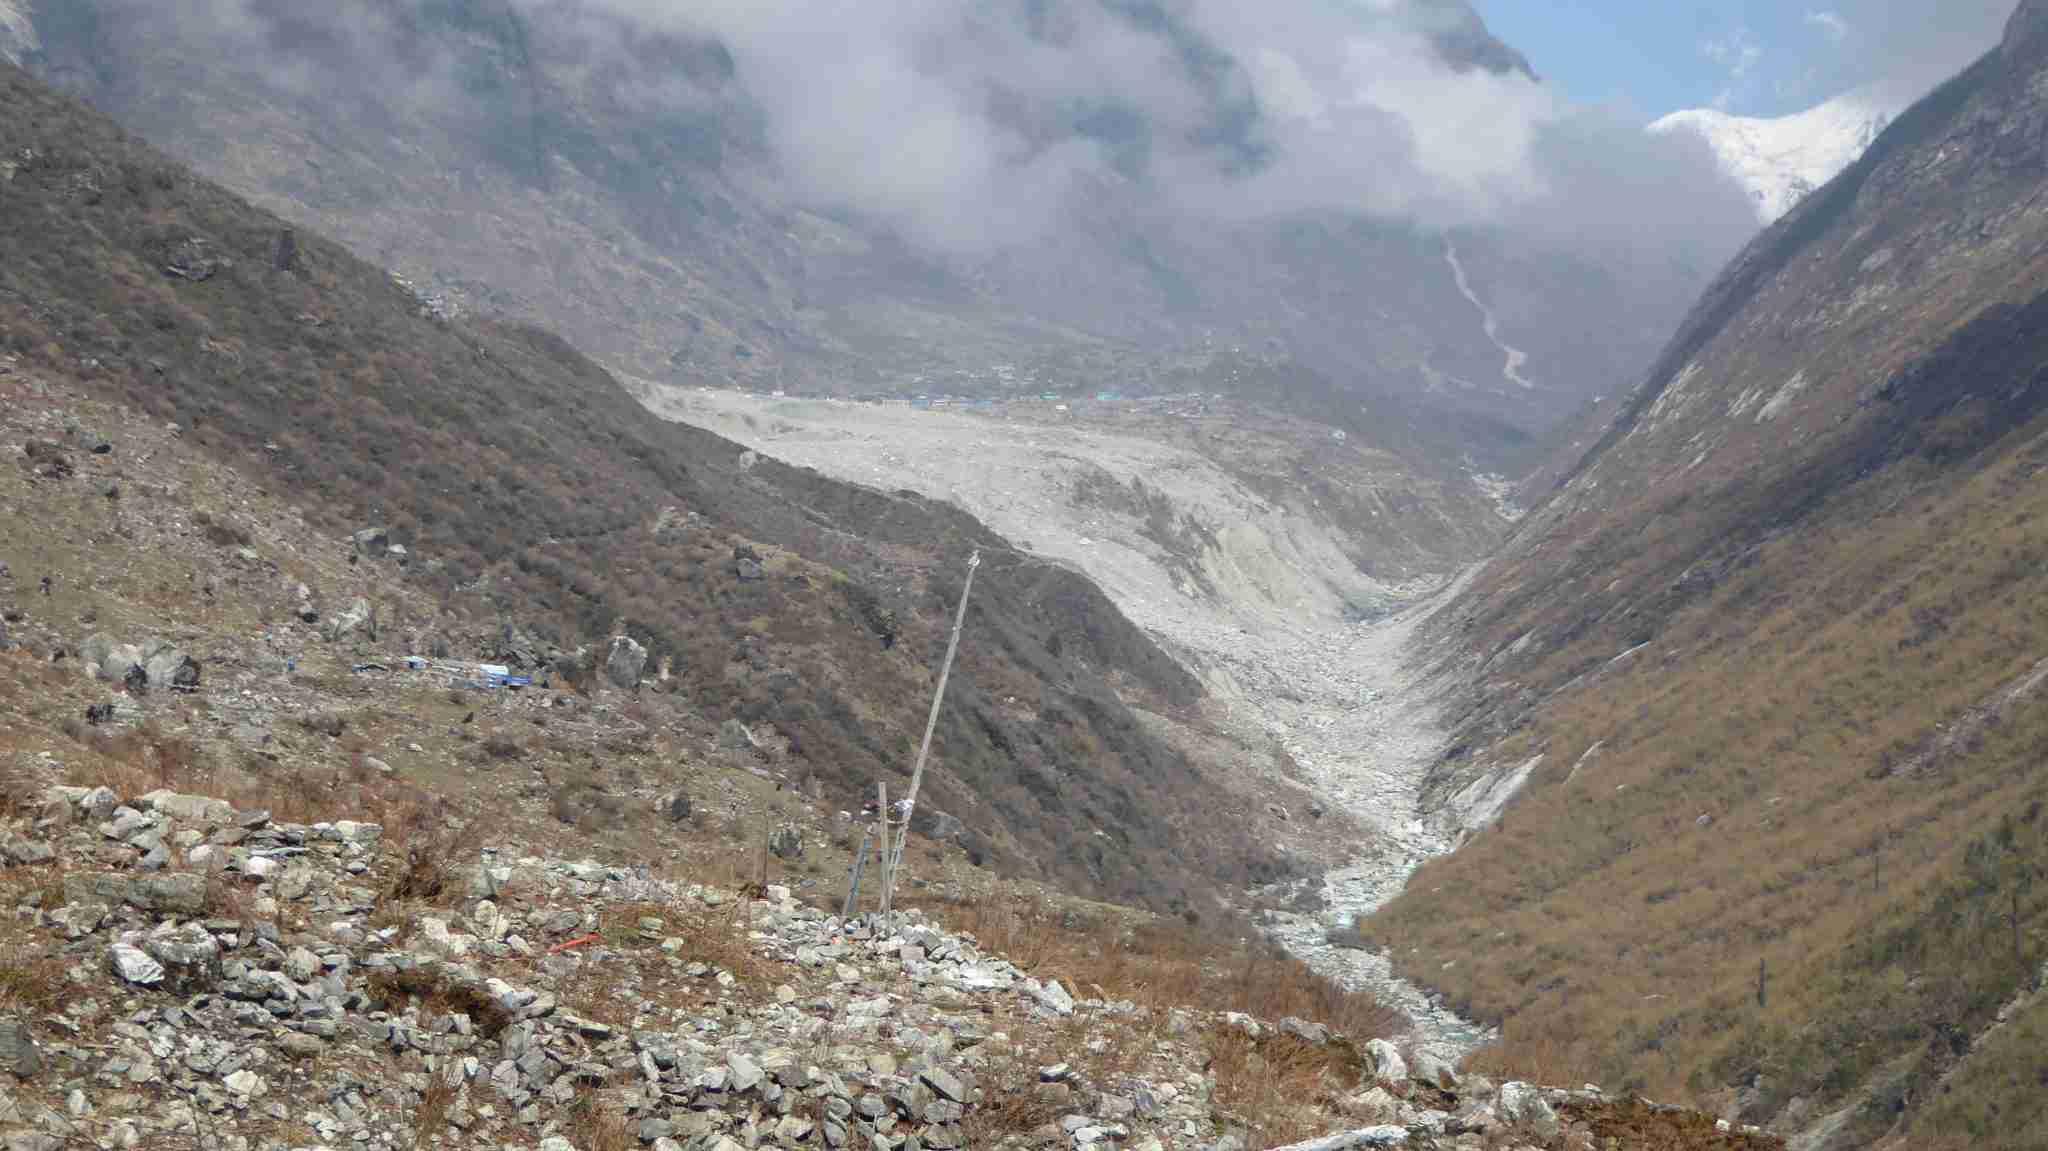 Langtang landslide - a huge wound in the landscape